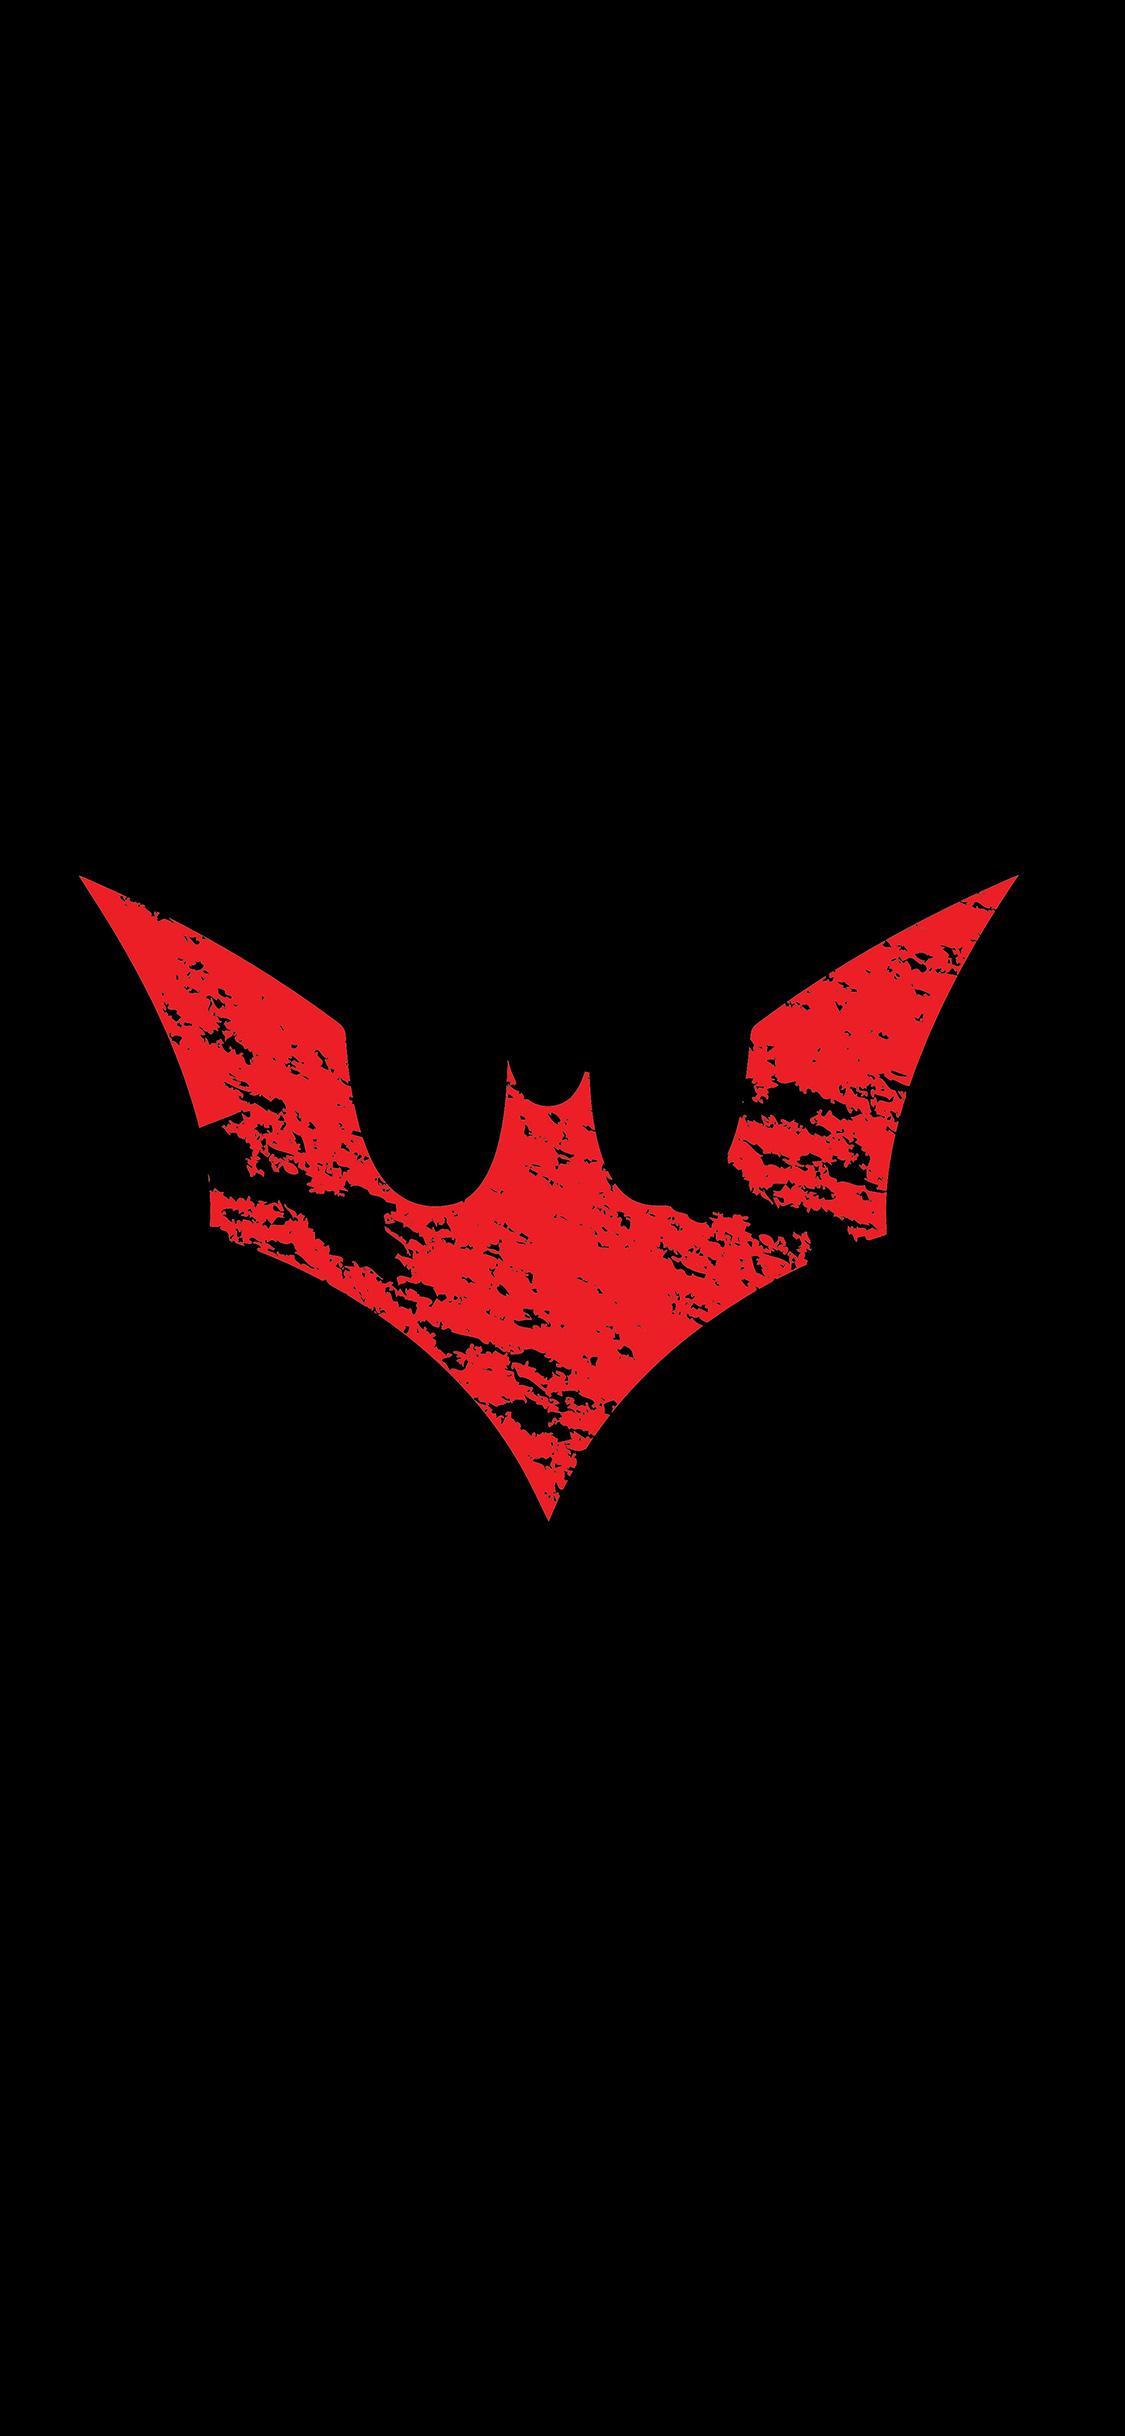 Iphone11papers Com Iphone11 Wallpaper Ap16 Batman Logo Red Dark Hero Art